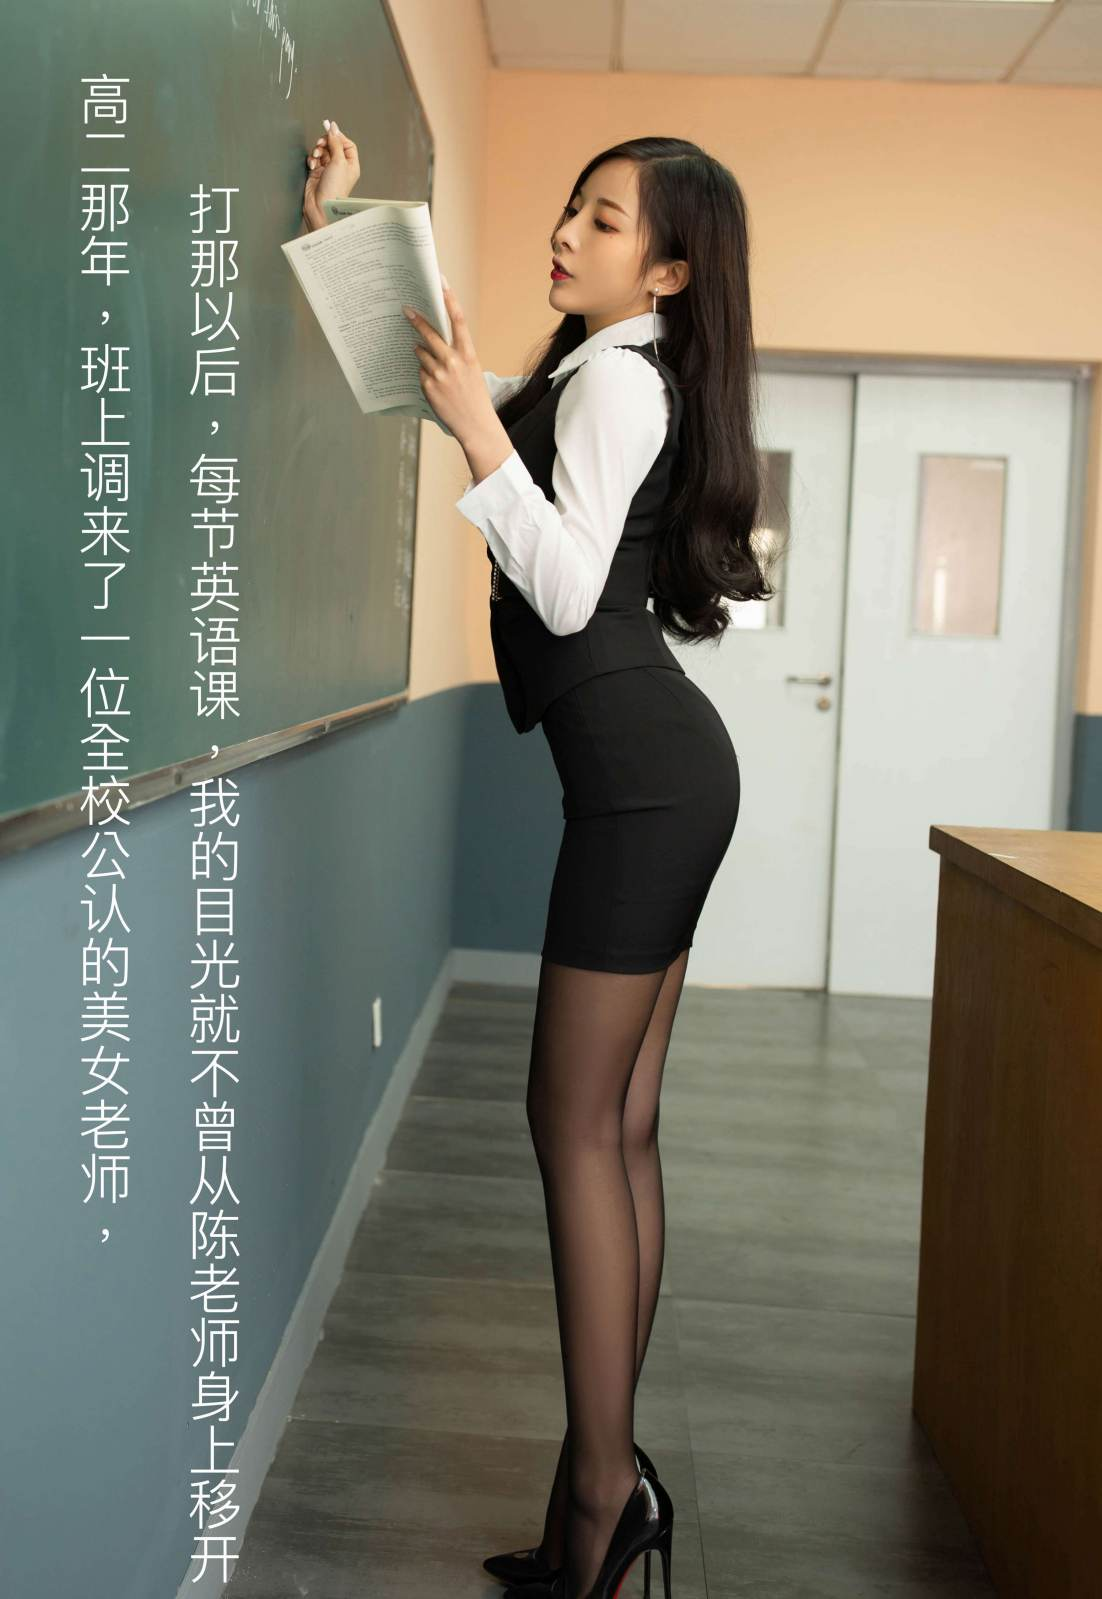 第235期如花似玉陈小喵(高跟,制服,丝袜,黑丝)_图片2